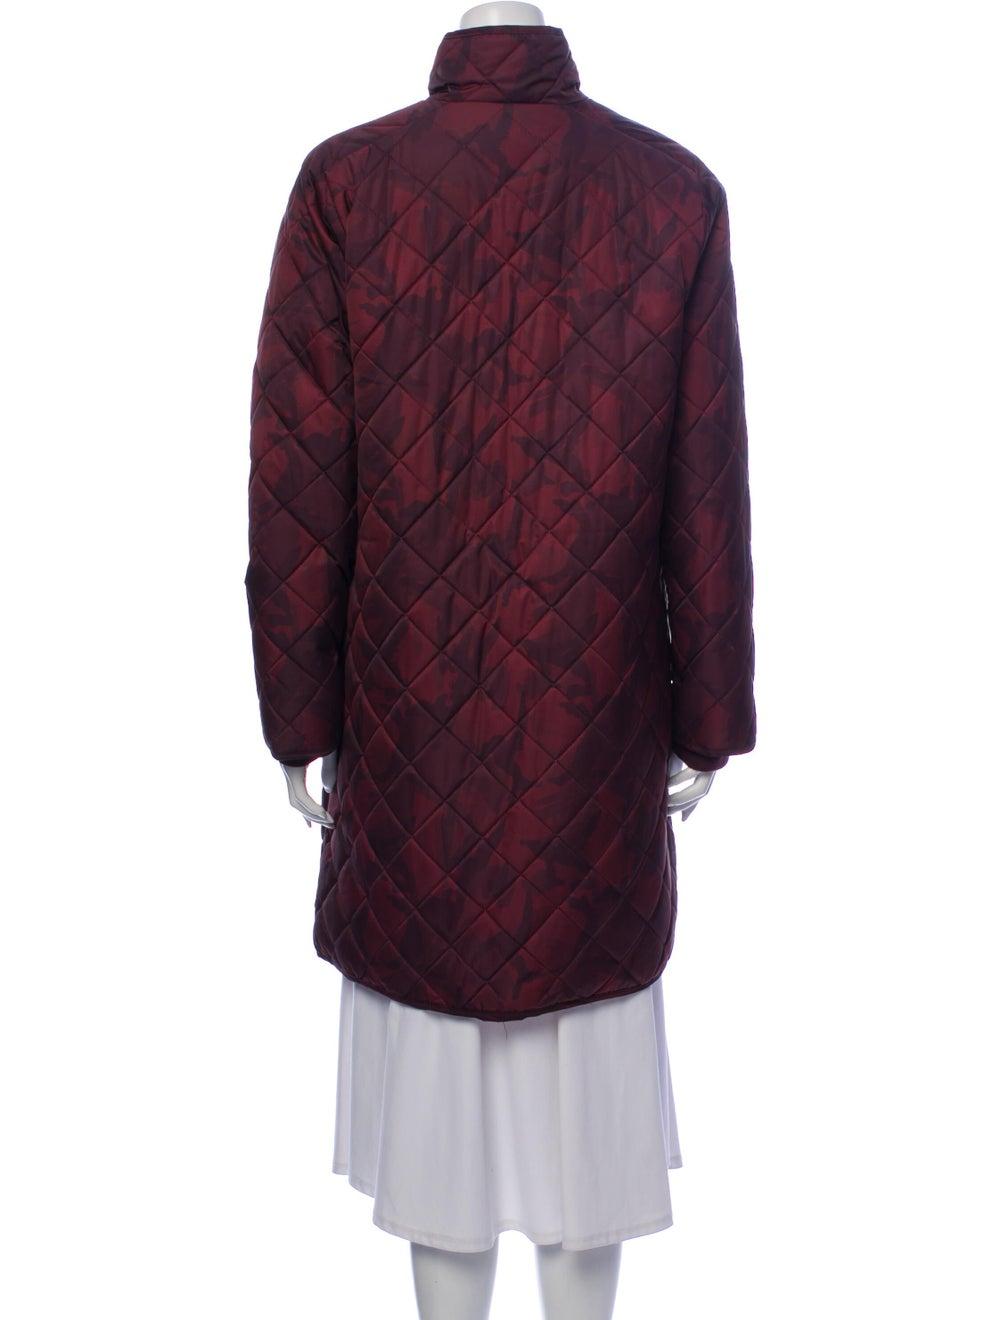 Ganni Printed Coat Brown - image 3